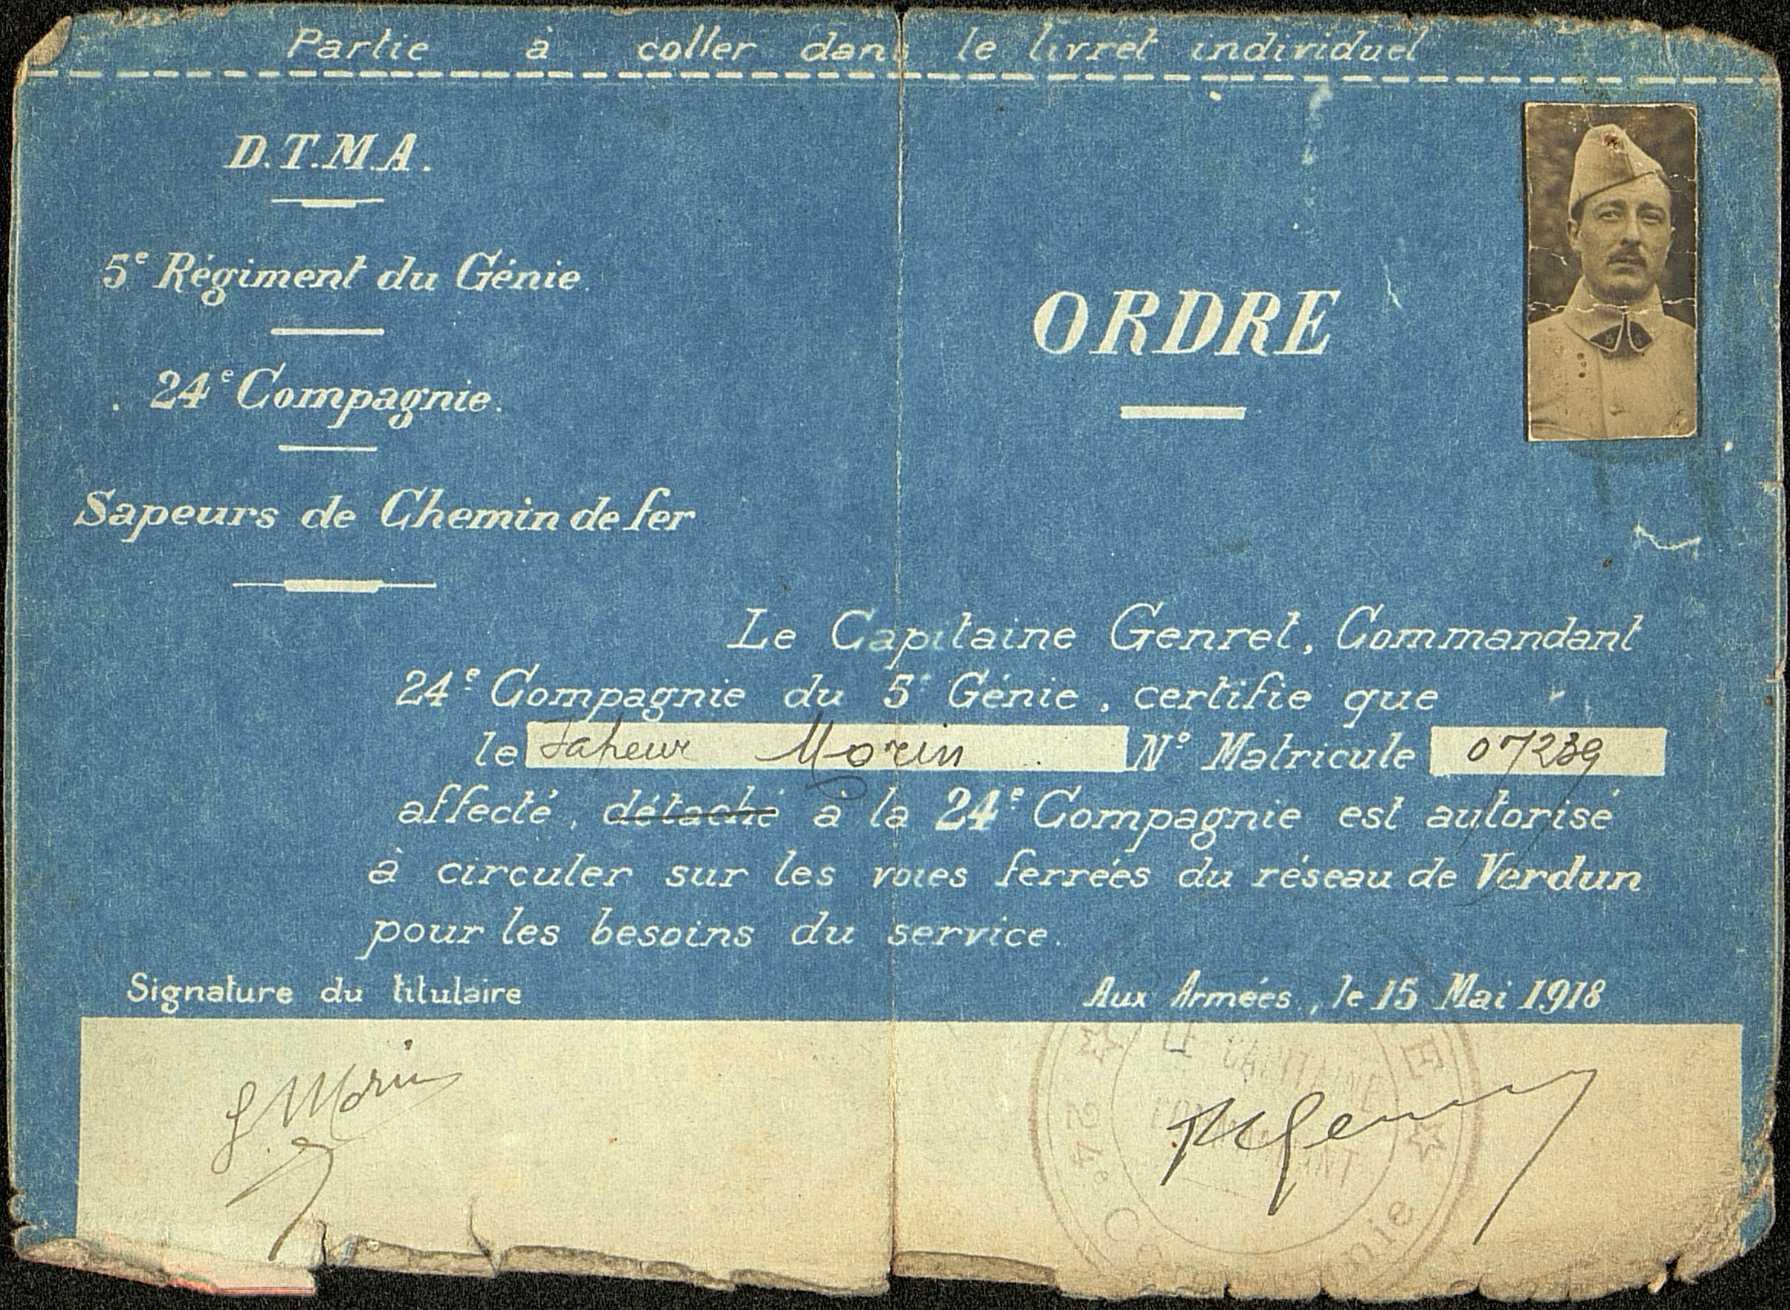 Autorisation de circulation sur les voies ferrées du réseau de Verdun pour les besoins du service, donnée à Louis Paul Morin du 63e Régiment du génie